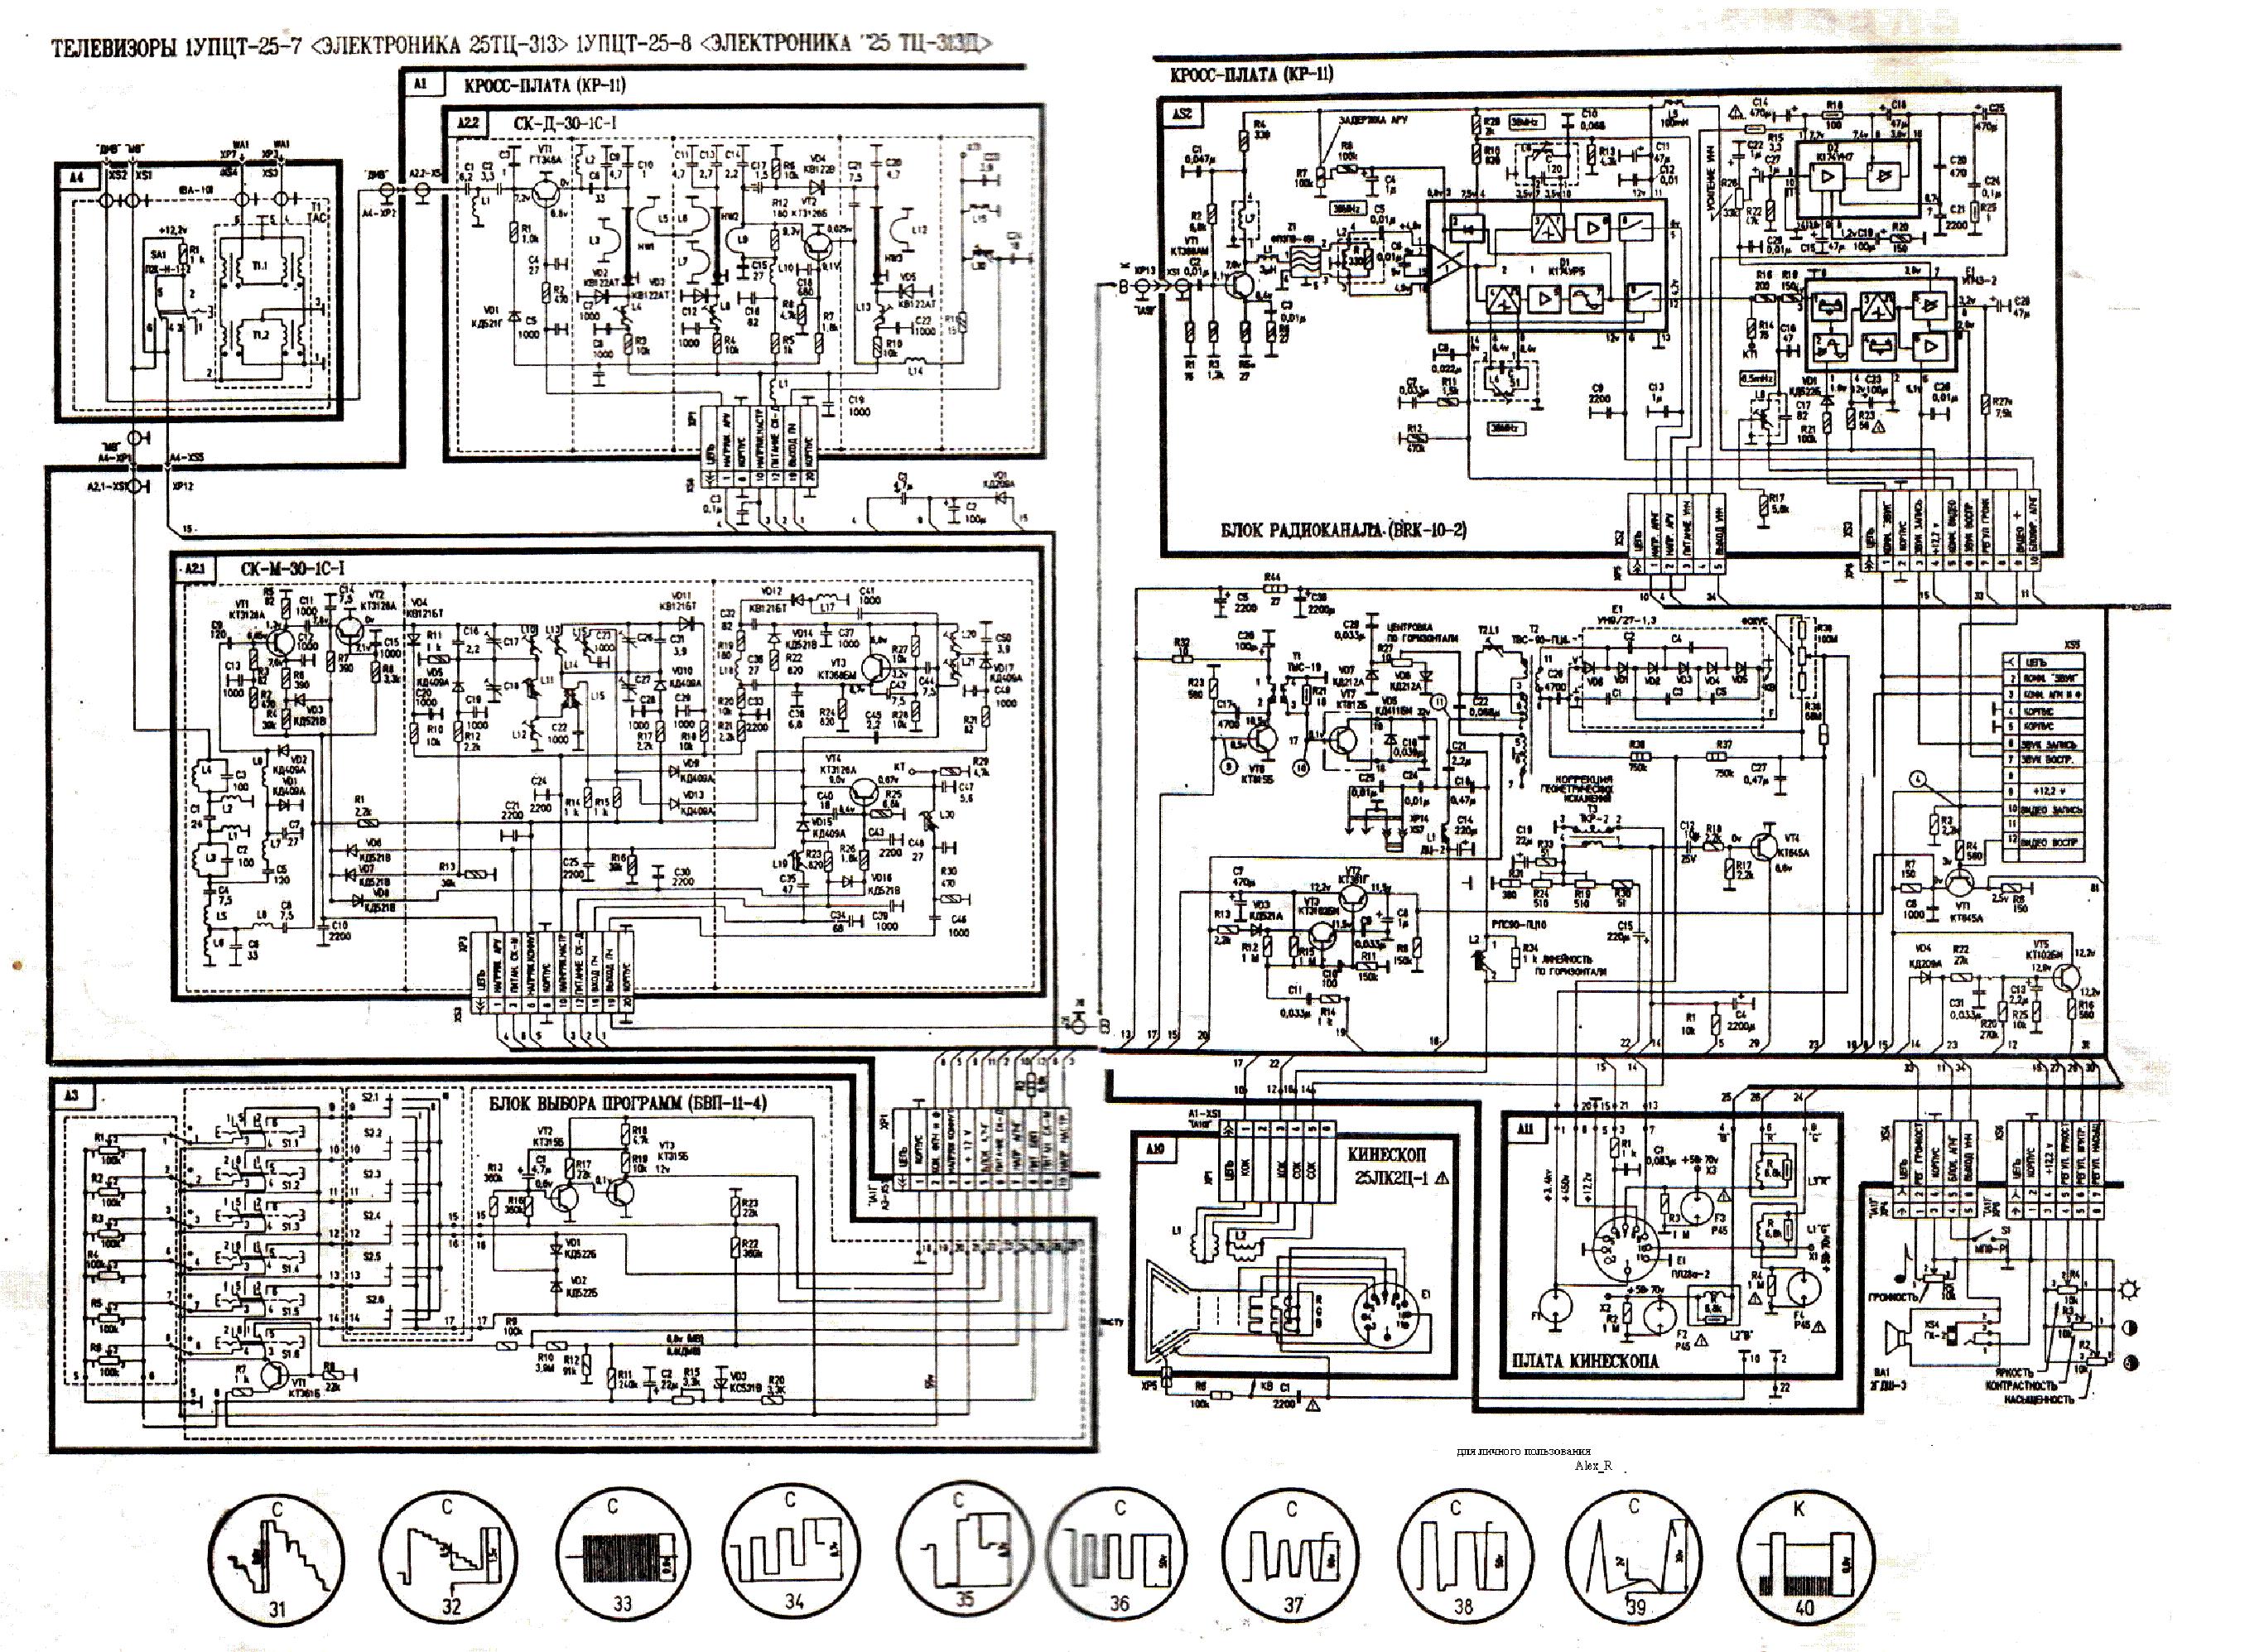 Схема электроника 16тб-410д